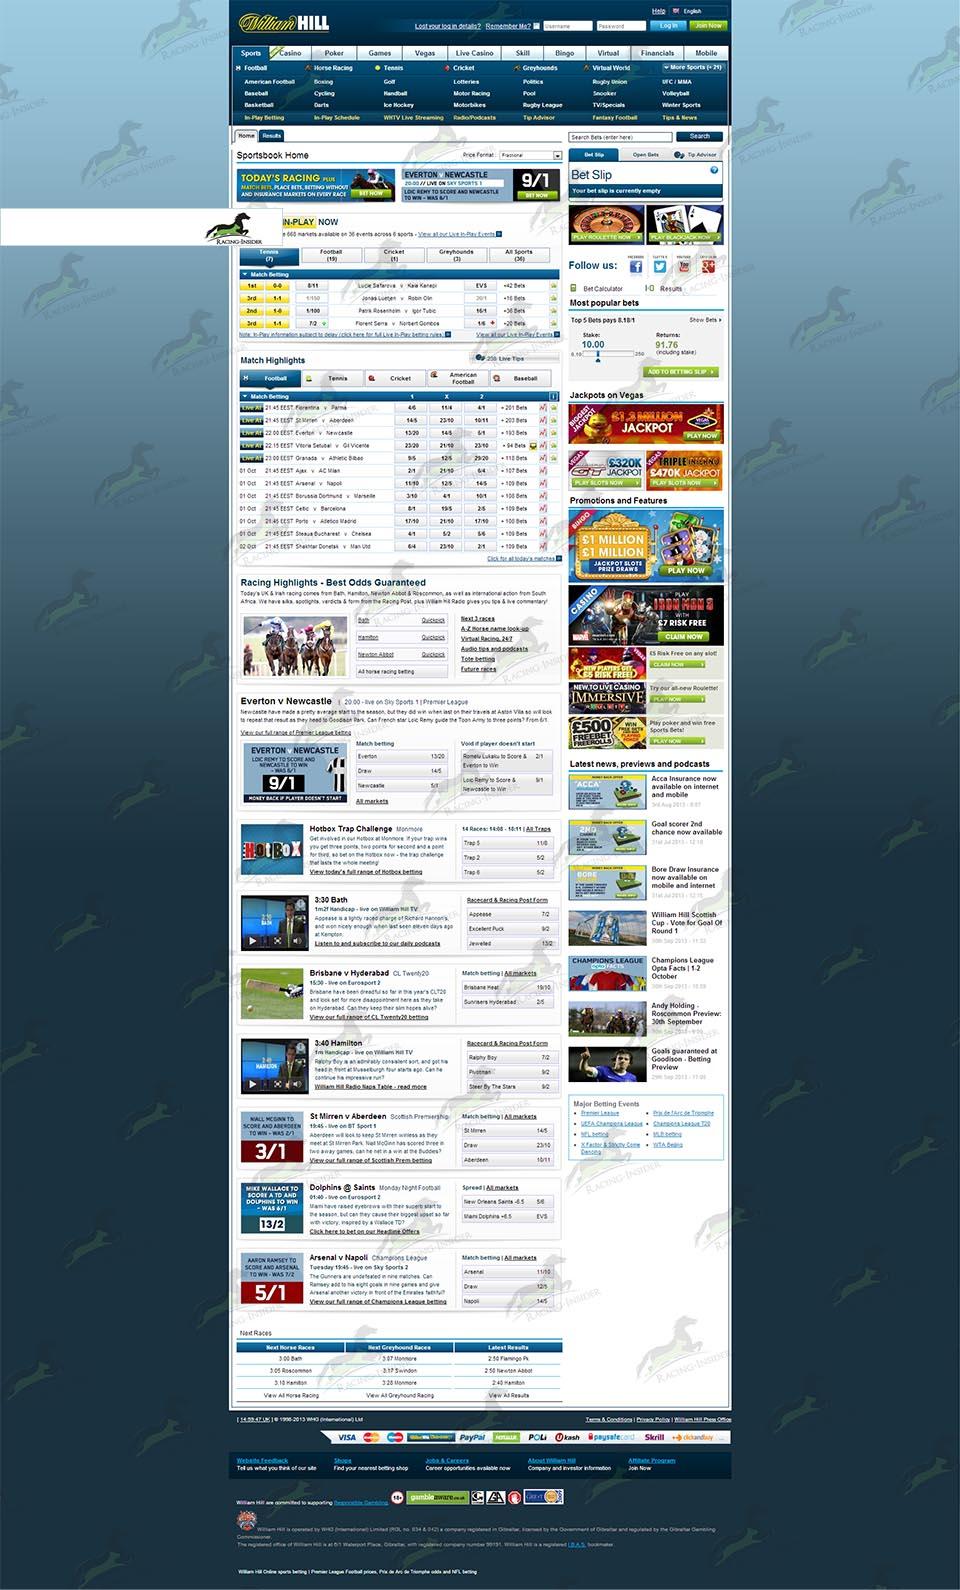 best of Betting mthods Swinger selection